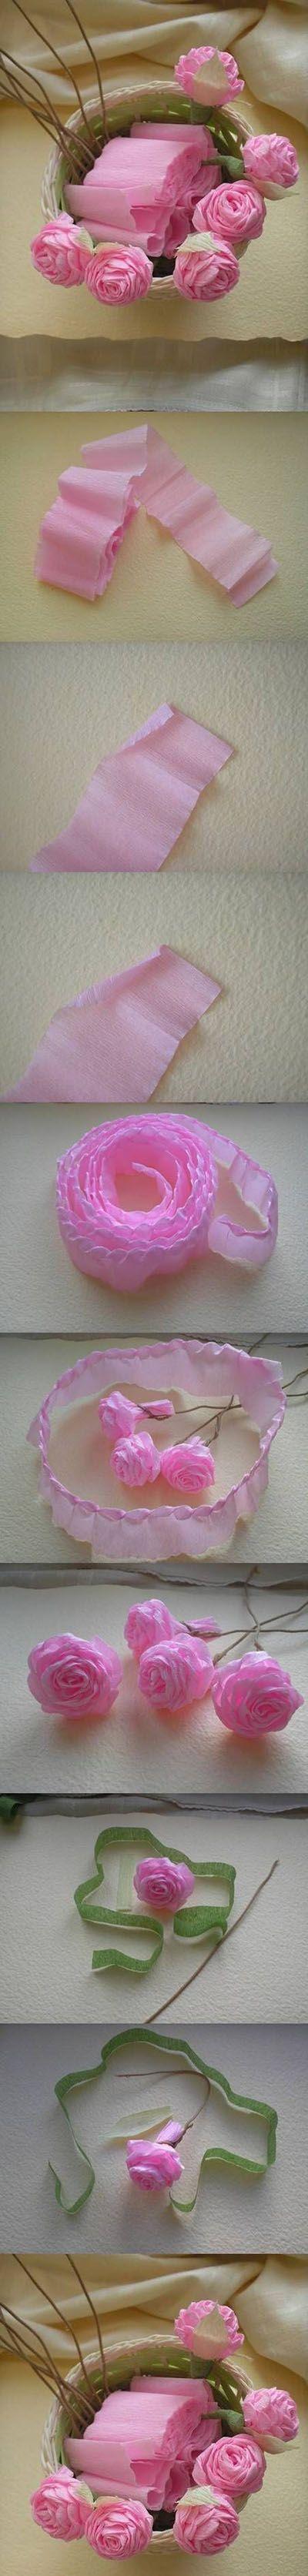 16  DIY Rose from Crepe Paper1f6b04   DIY